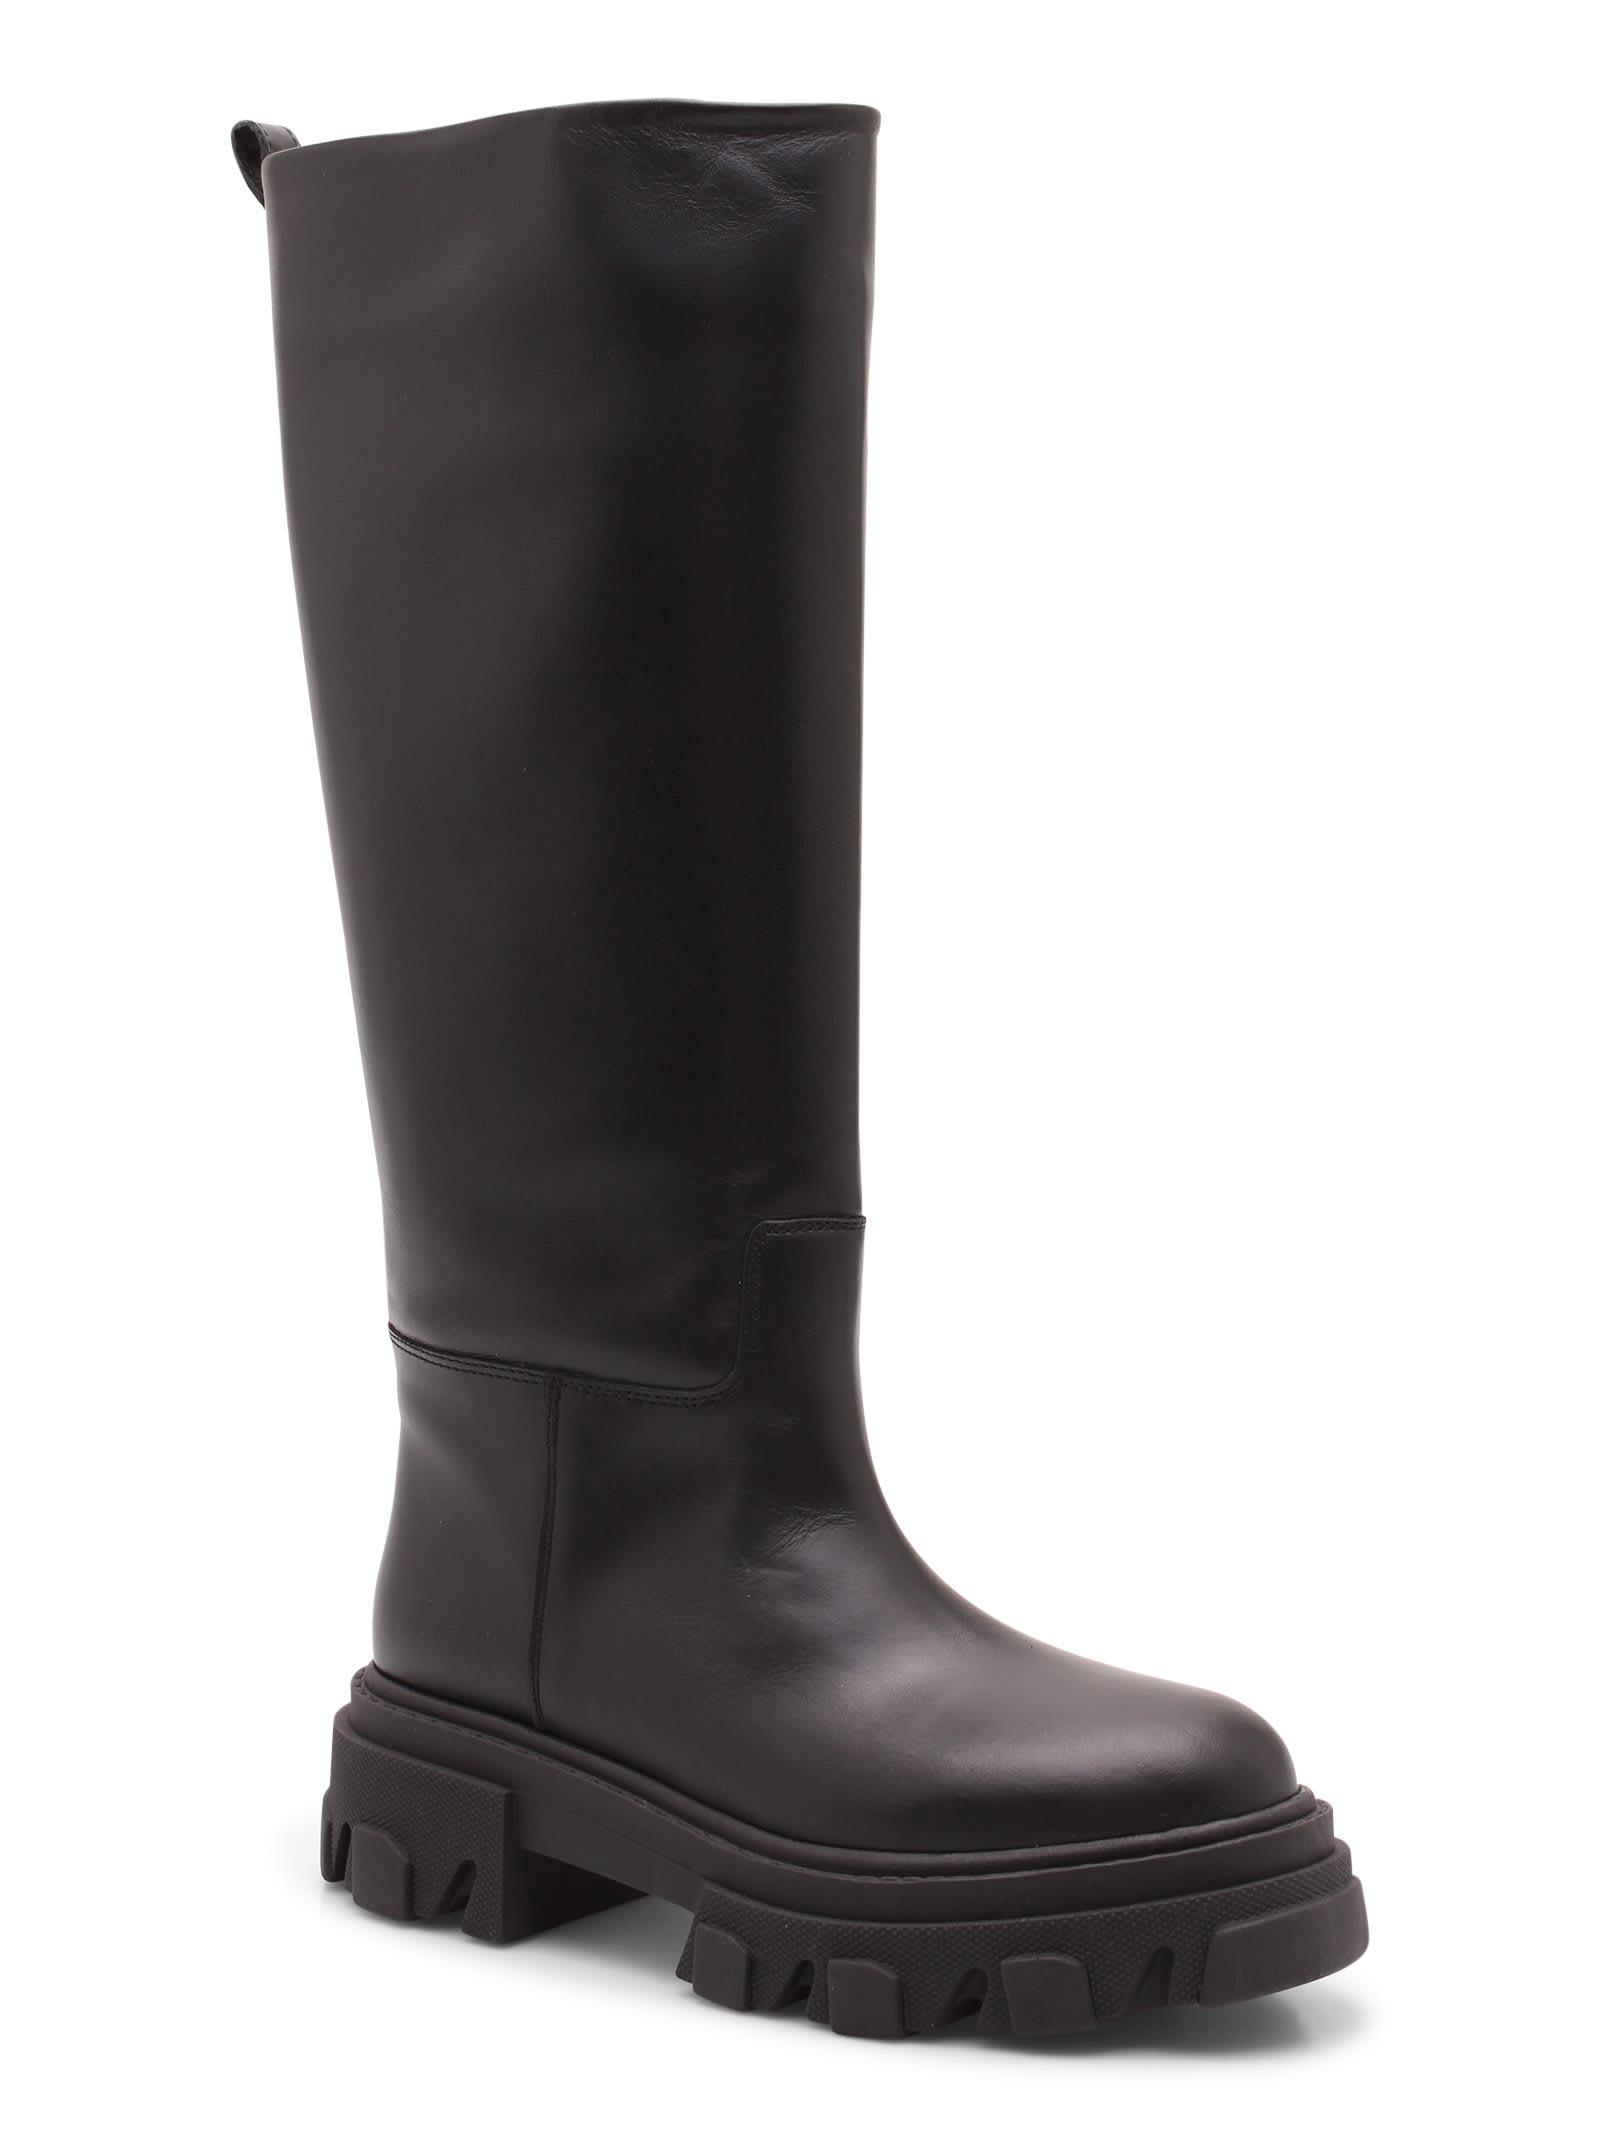 Gia Borghini perni 07 Leather Boots